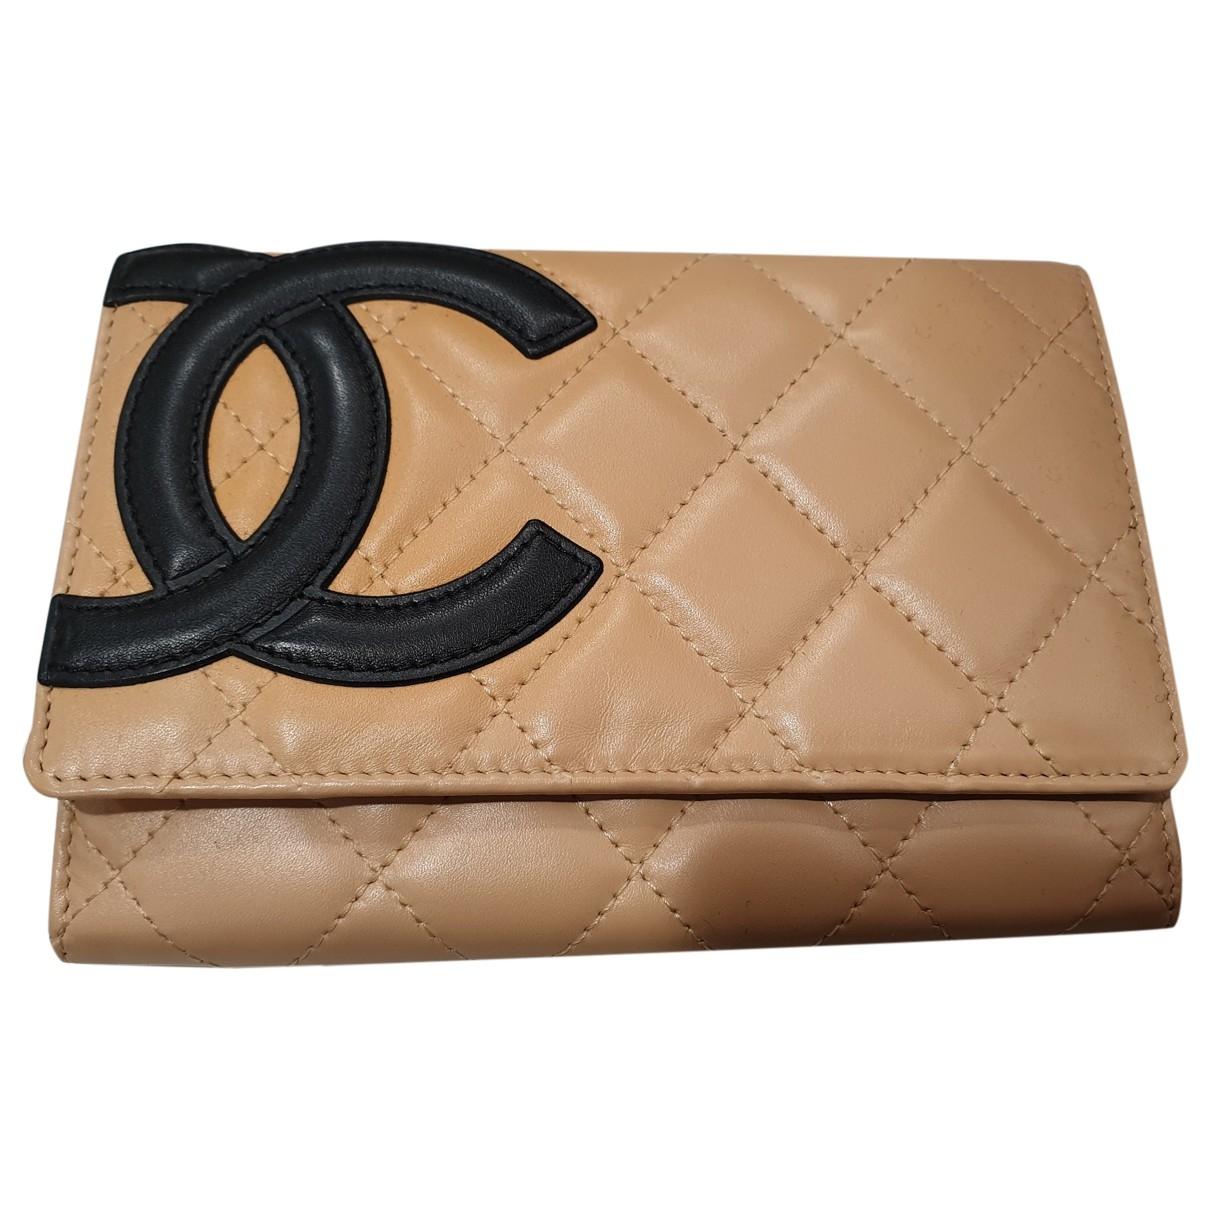 Chanel - Portefeuille Cambon pour femme en cuir - camel